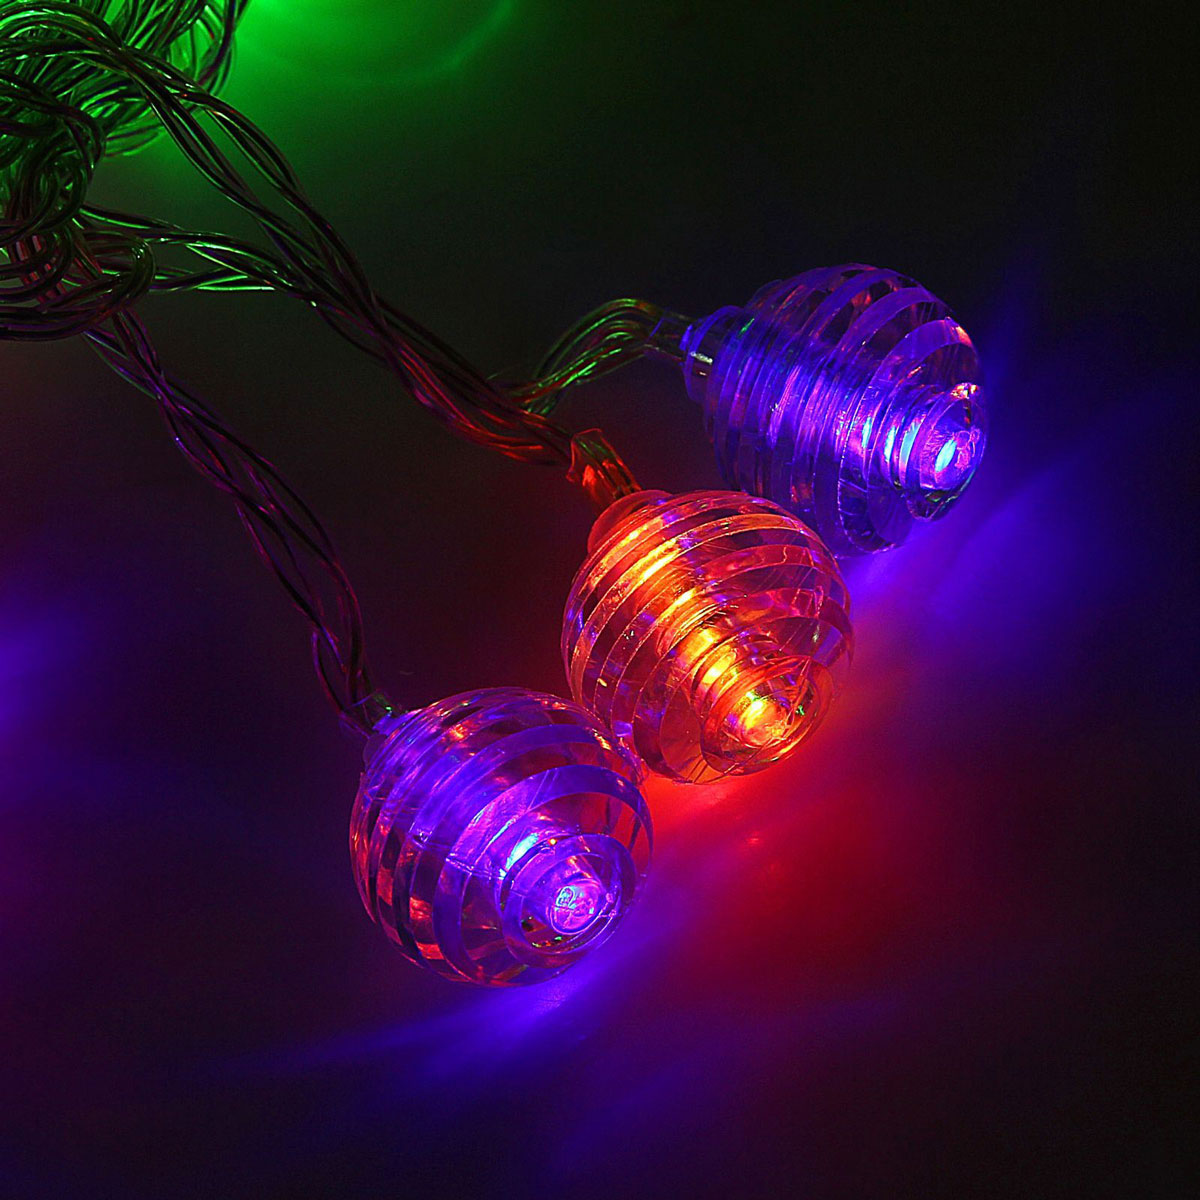 Гирлянда светодиодная Luazon Метраж. Космос, 20 ламп, 3,6 V, длина 3 м1080371Светодиодные гирлянды и ленты — это отличный вариант для новогоднего оформления интерьера или фасада. С их помощью помещение любого размера можно превратить в праздничный зал, а внешние элементы зданий, украшенные ими, мгновенно станут напоминать очертания сказочного дворца. Такие украшения создают ауру предвкушения чуда. Деревья, фасады, витрины, окна и арки будто специально созданы, чтобы вы украсили их светящимися нитями.